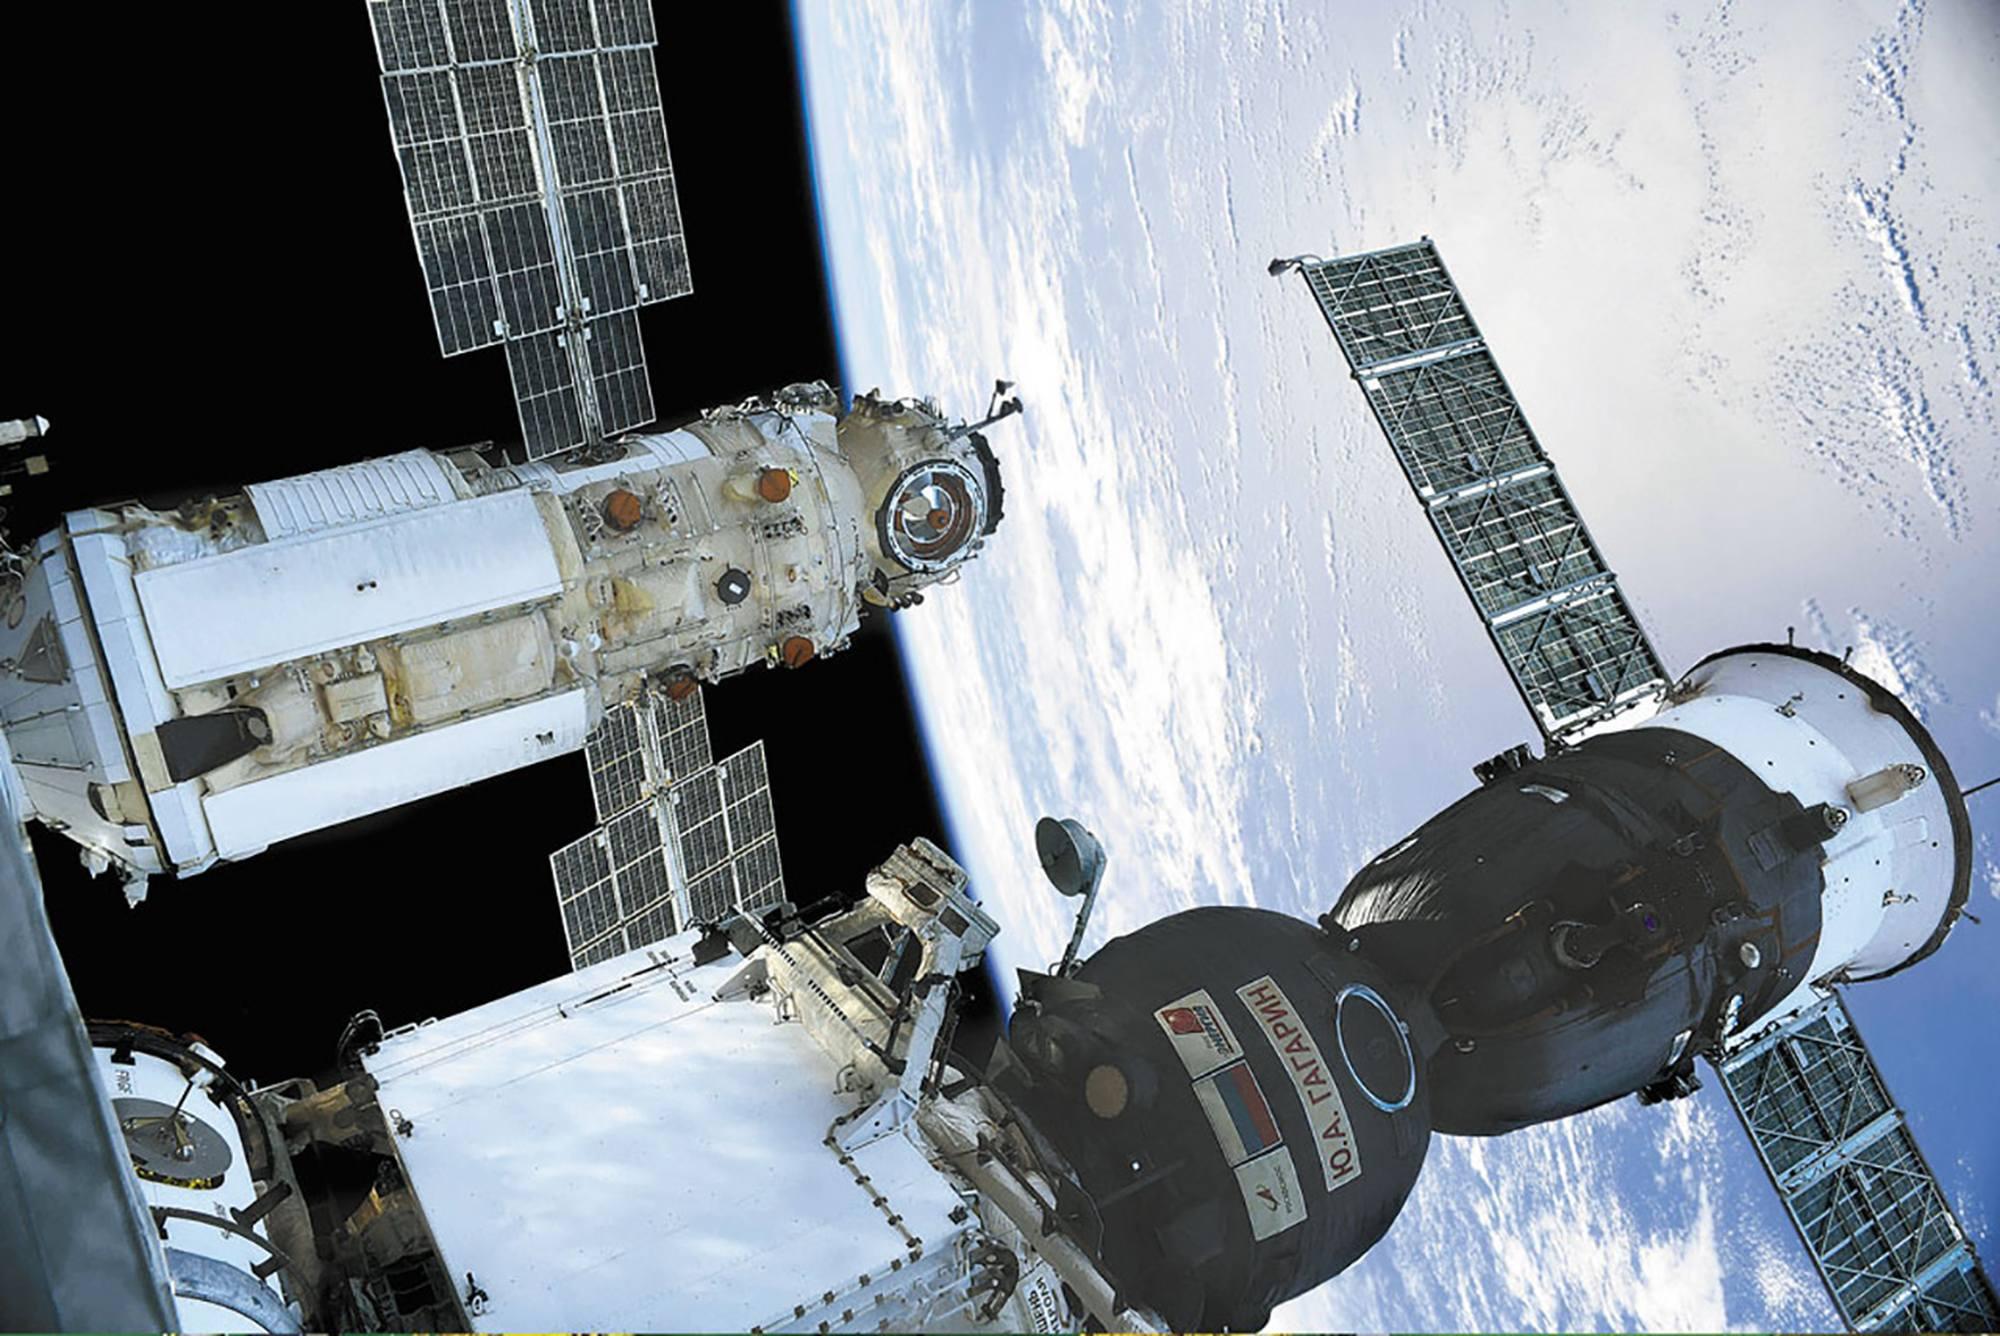 Le dernier module ajouté à l'ISS, Naouka.